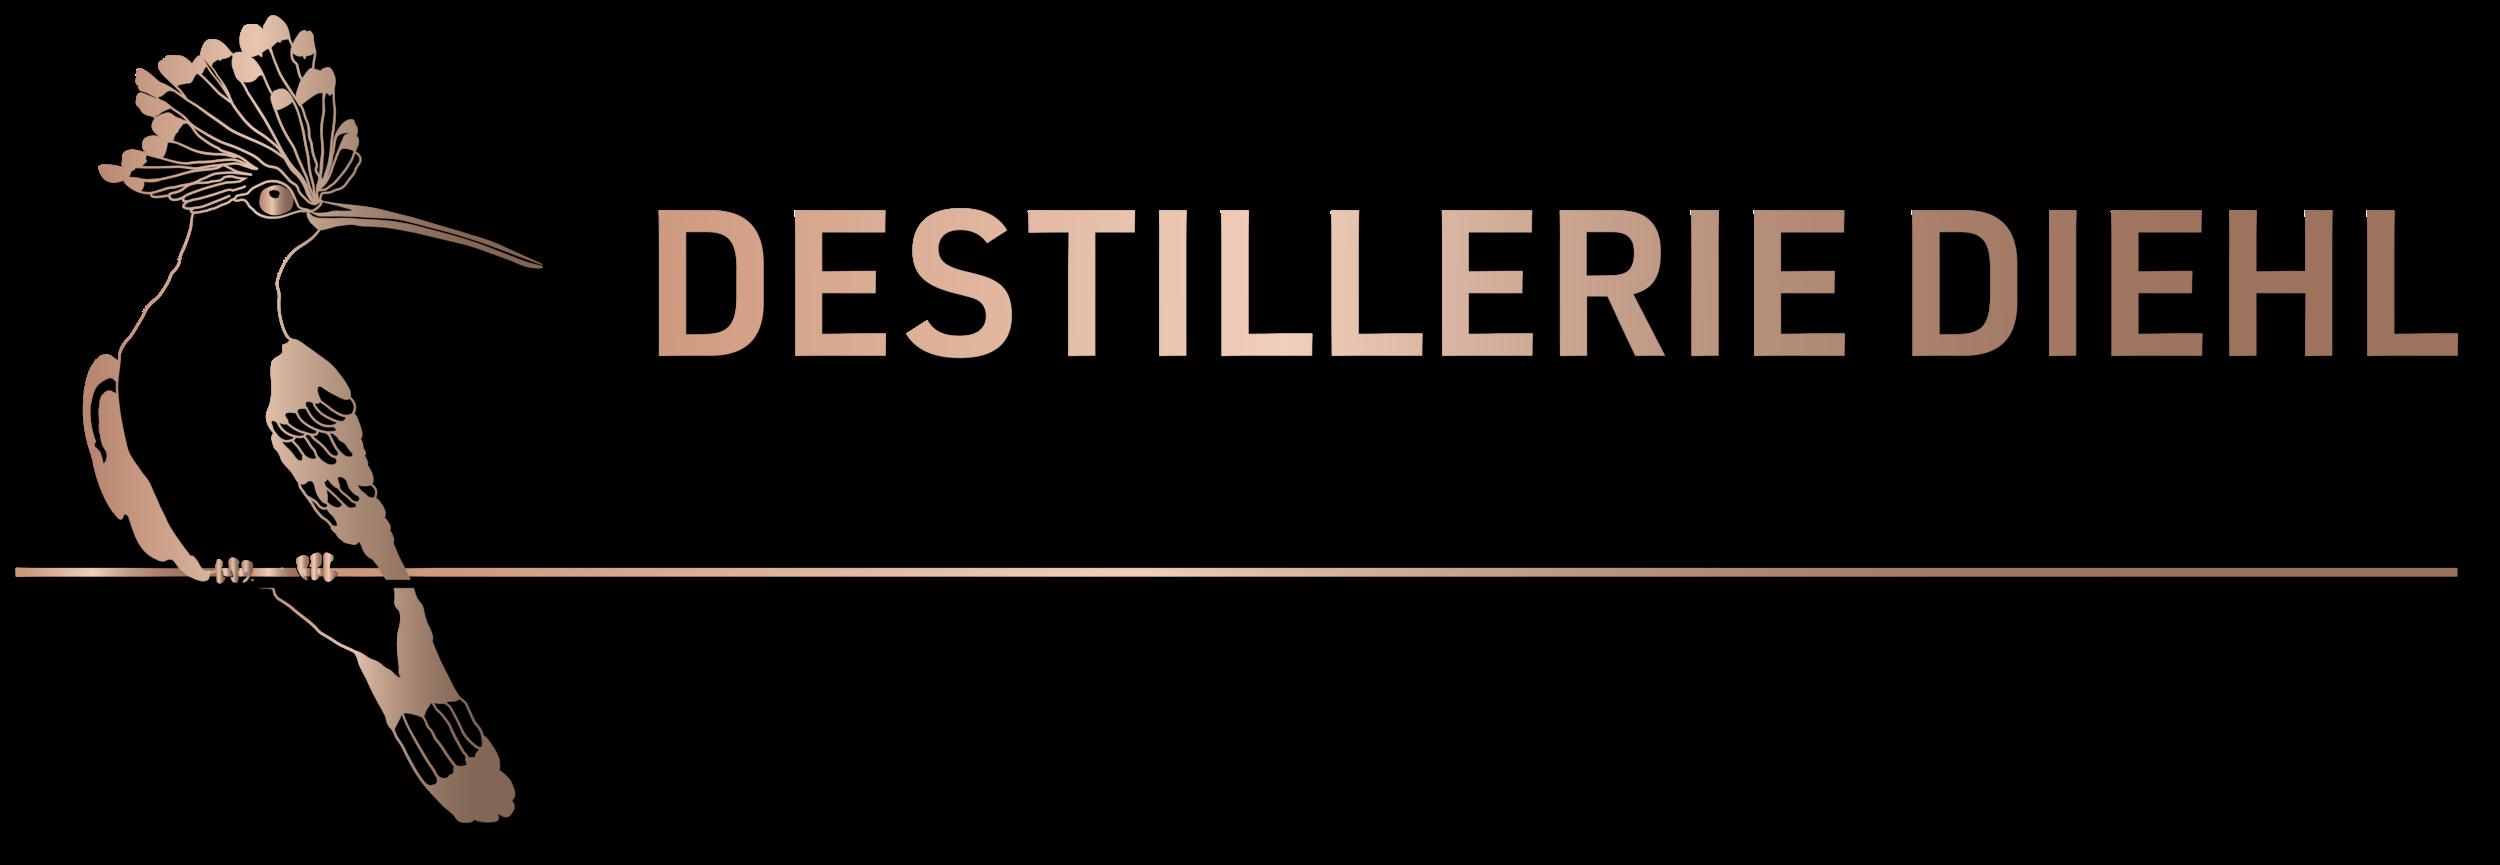 Destillerie_Diehl_kupfer_schatten.png